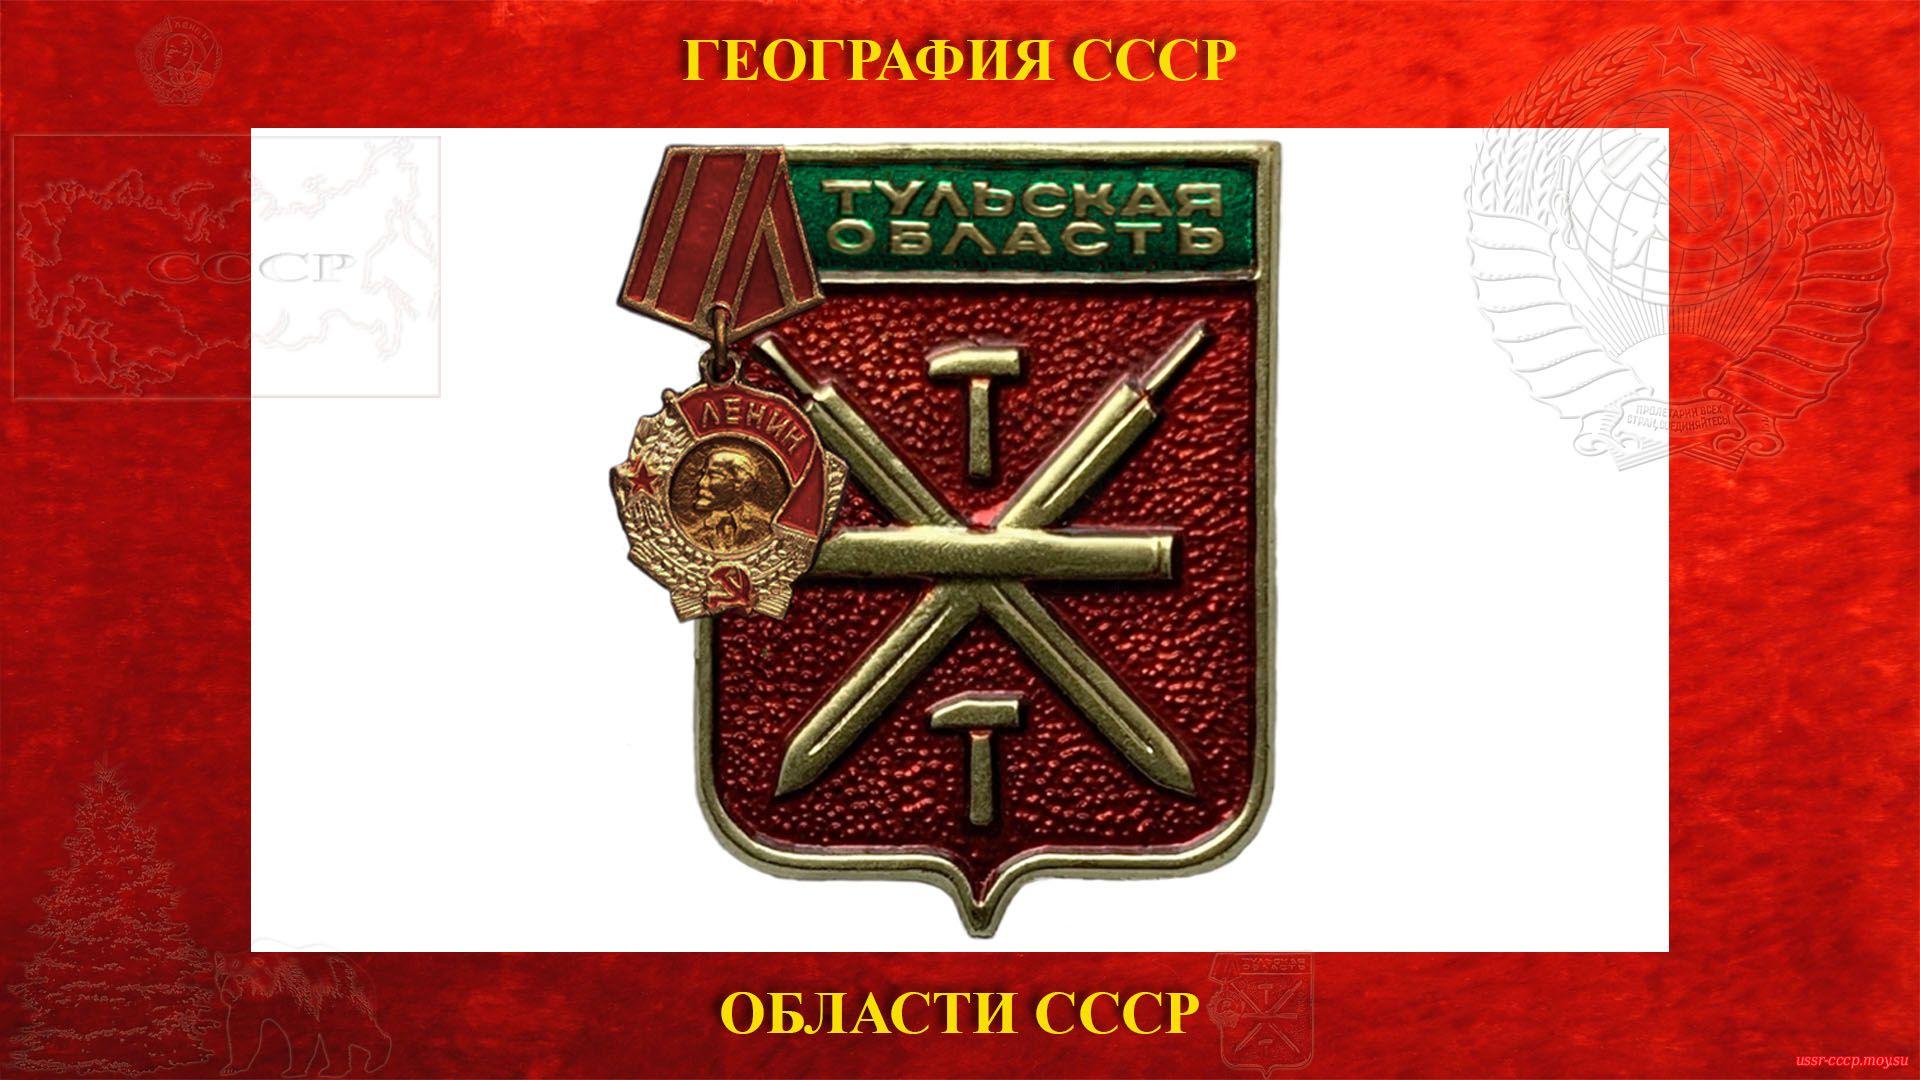 Тульская область — Областных центр РСФСР в составе СССР (26.09.1937)